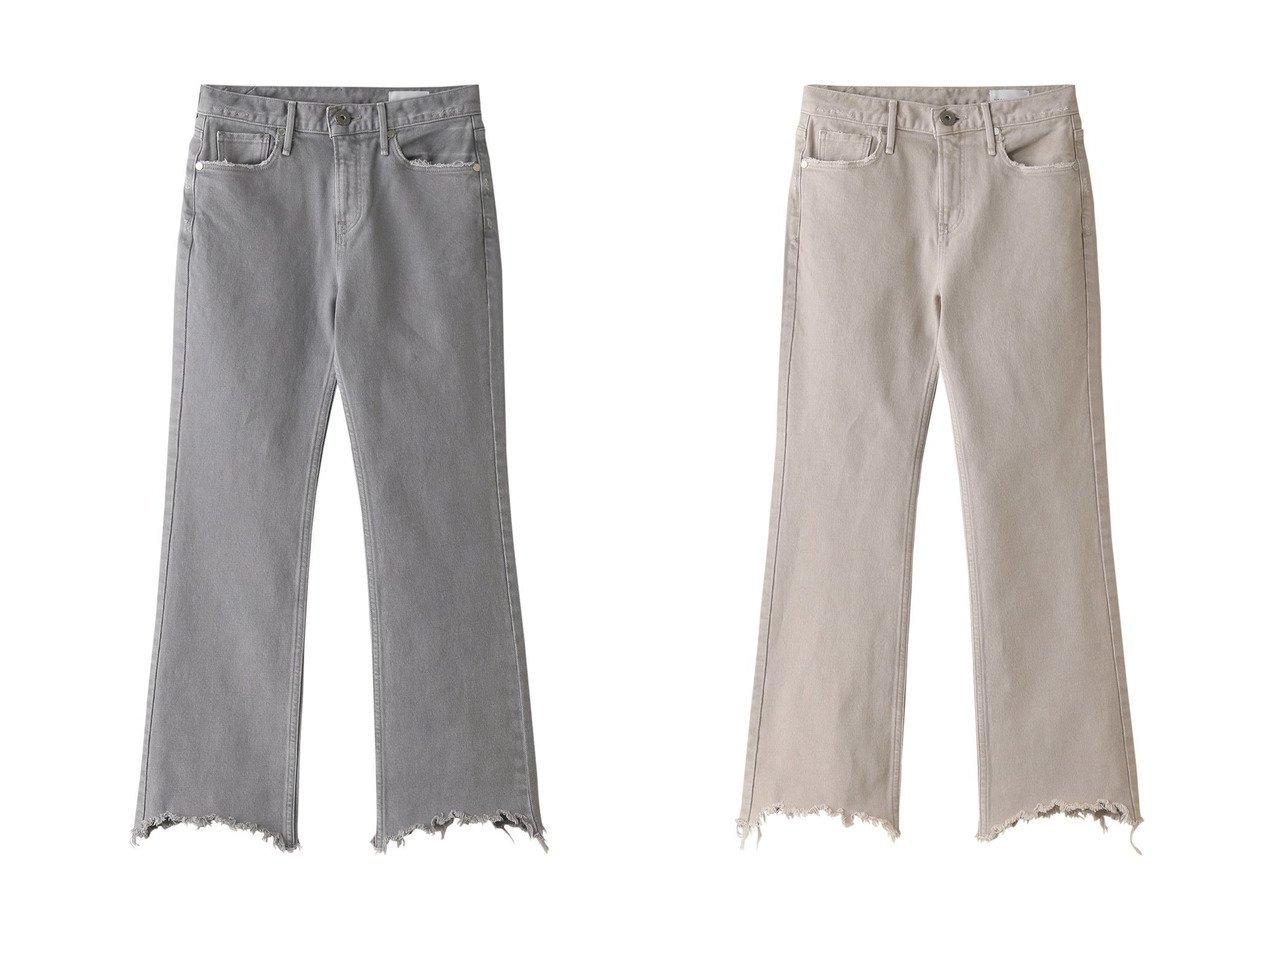 【upper hights/アッパー ハイツ】のTHE BIRKIN ミッドライズブーツカットデニムパンツ&THE BIRKIN ミッドライズブーツカットデニムパンツ 【パンツ】おすすめ!人気、トレンド・レディースファッションの通販 おすすめで人気の流行・トレンド、ファッションの通販商品 インテリア・家具・メンズファッション・キッズファッション・レディースファッション・服の通販 founy(ファニー) https://founy.com/ ファッション Fashion レディースファッション WOMEN パンツ Pants デニムパンツ Denim Pants 2021年 2021 2021-2022秋冬・A/W AW・Autumn/Winter・FW・Fall-Winter・2021-2022 A/W・秋冬 AW・Autumn/Winter・FW・Fall-Winter カットソー スウェット デニム フレア |ID:crp329100000054466